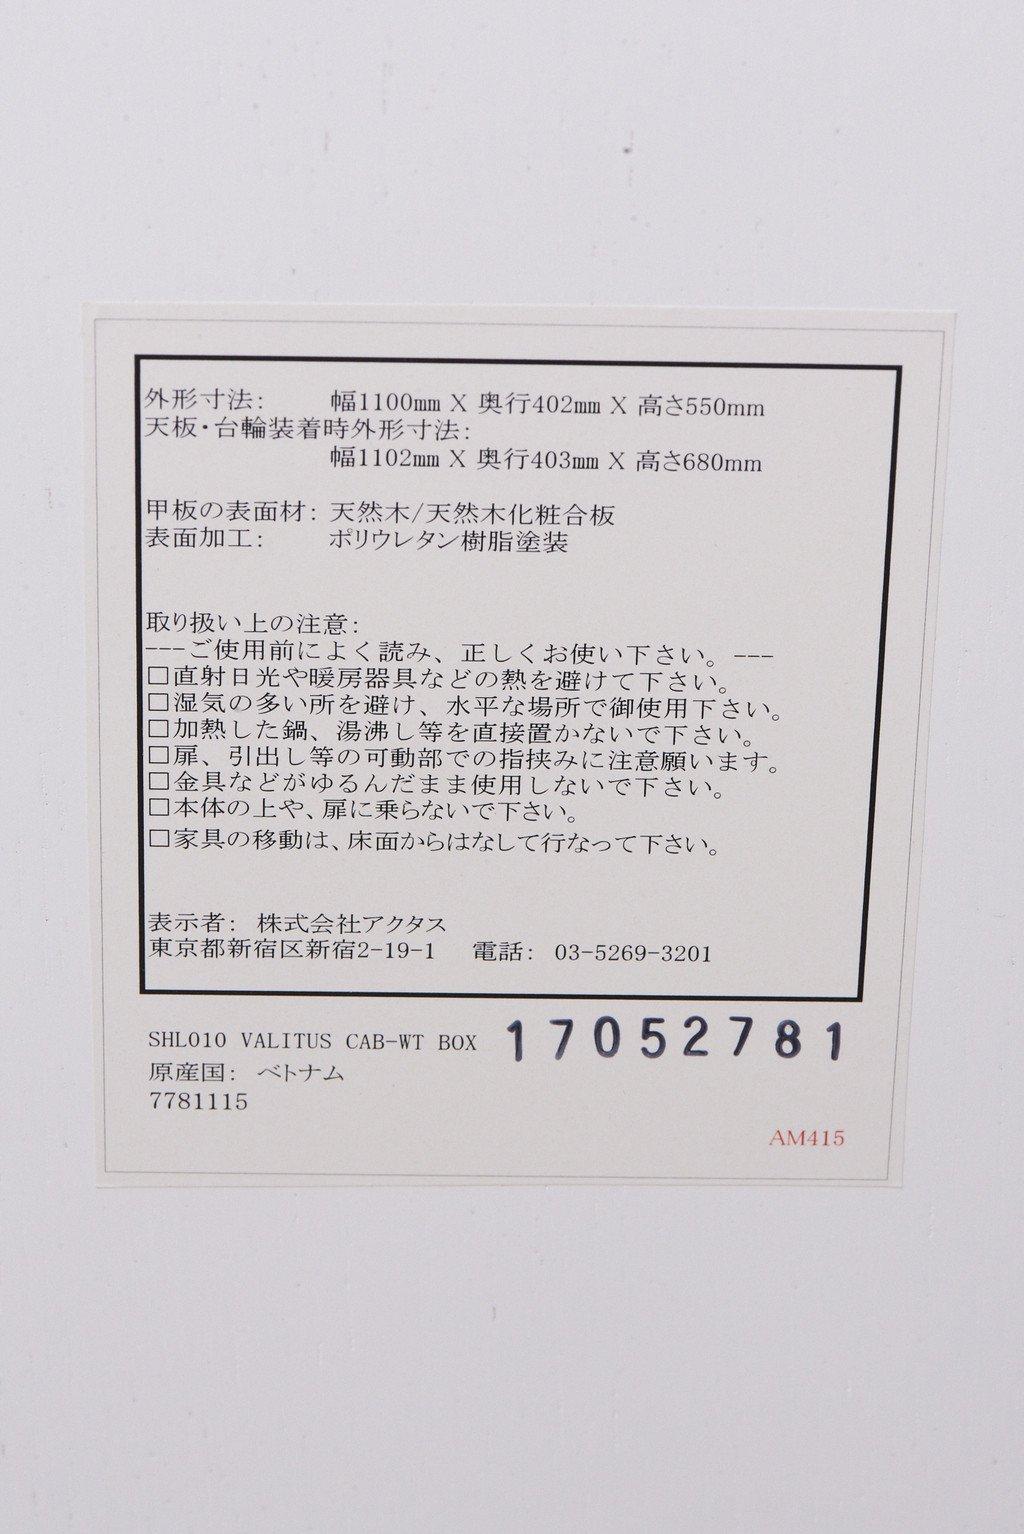 アクタス ACTUS / Japan VALITUS キャビネット